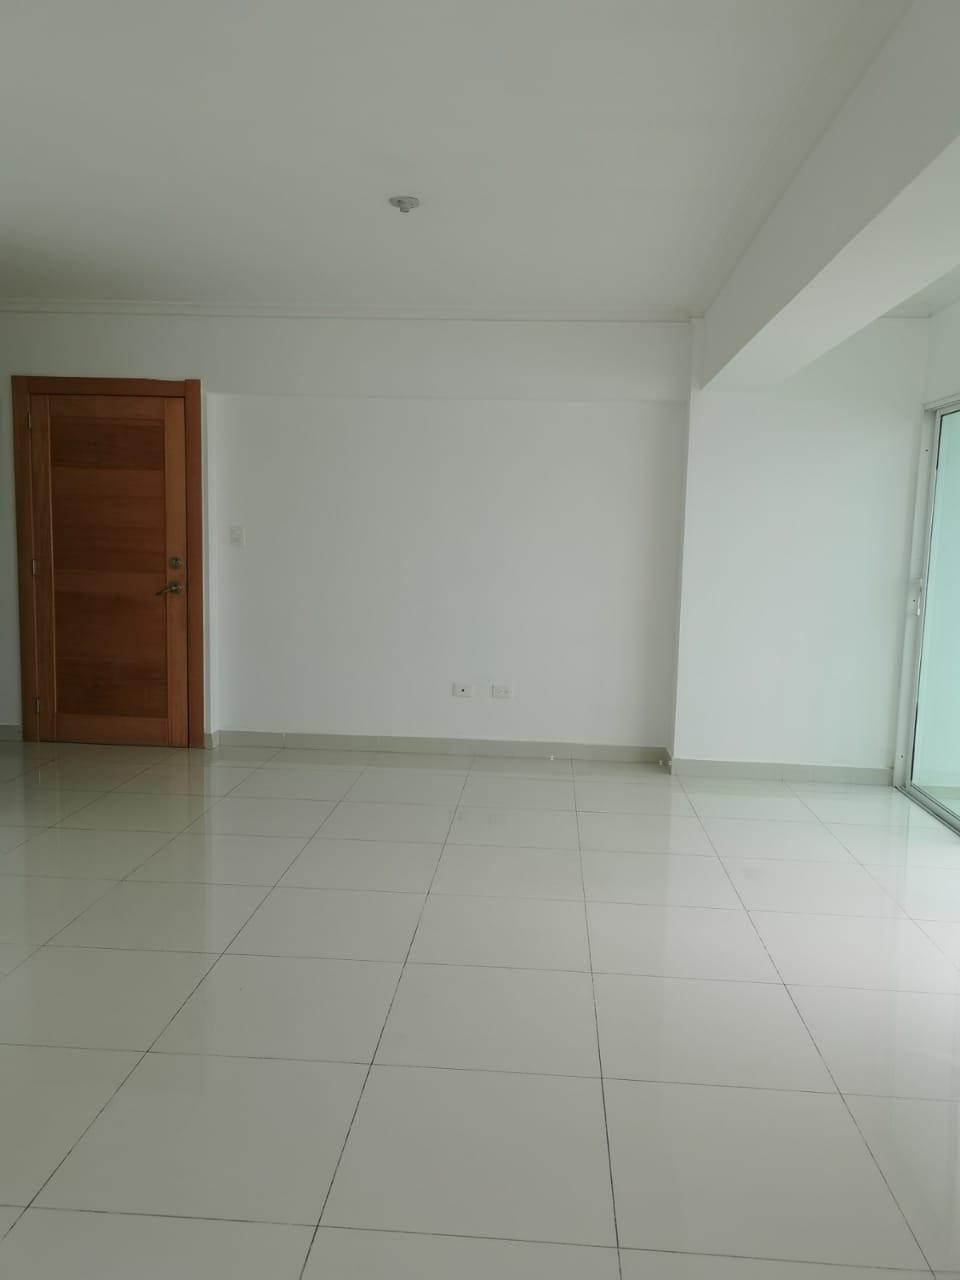 Apartamento en venta en el sector RENACIMIENTO precio US$ 179,000.00 US$179,000